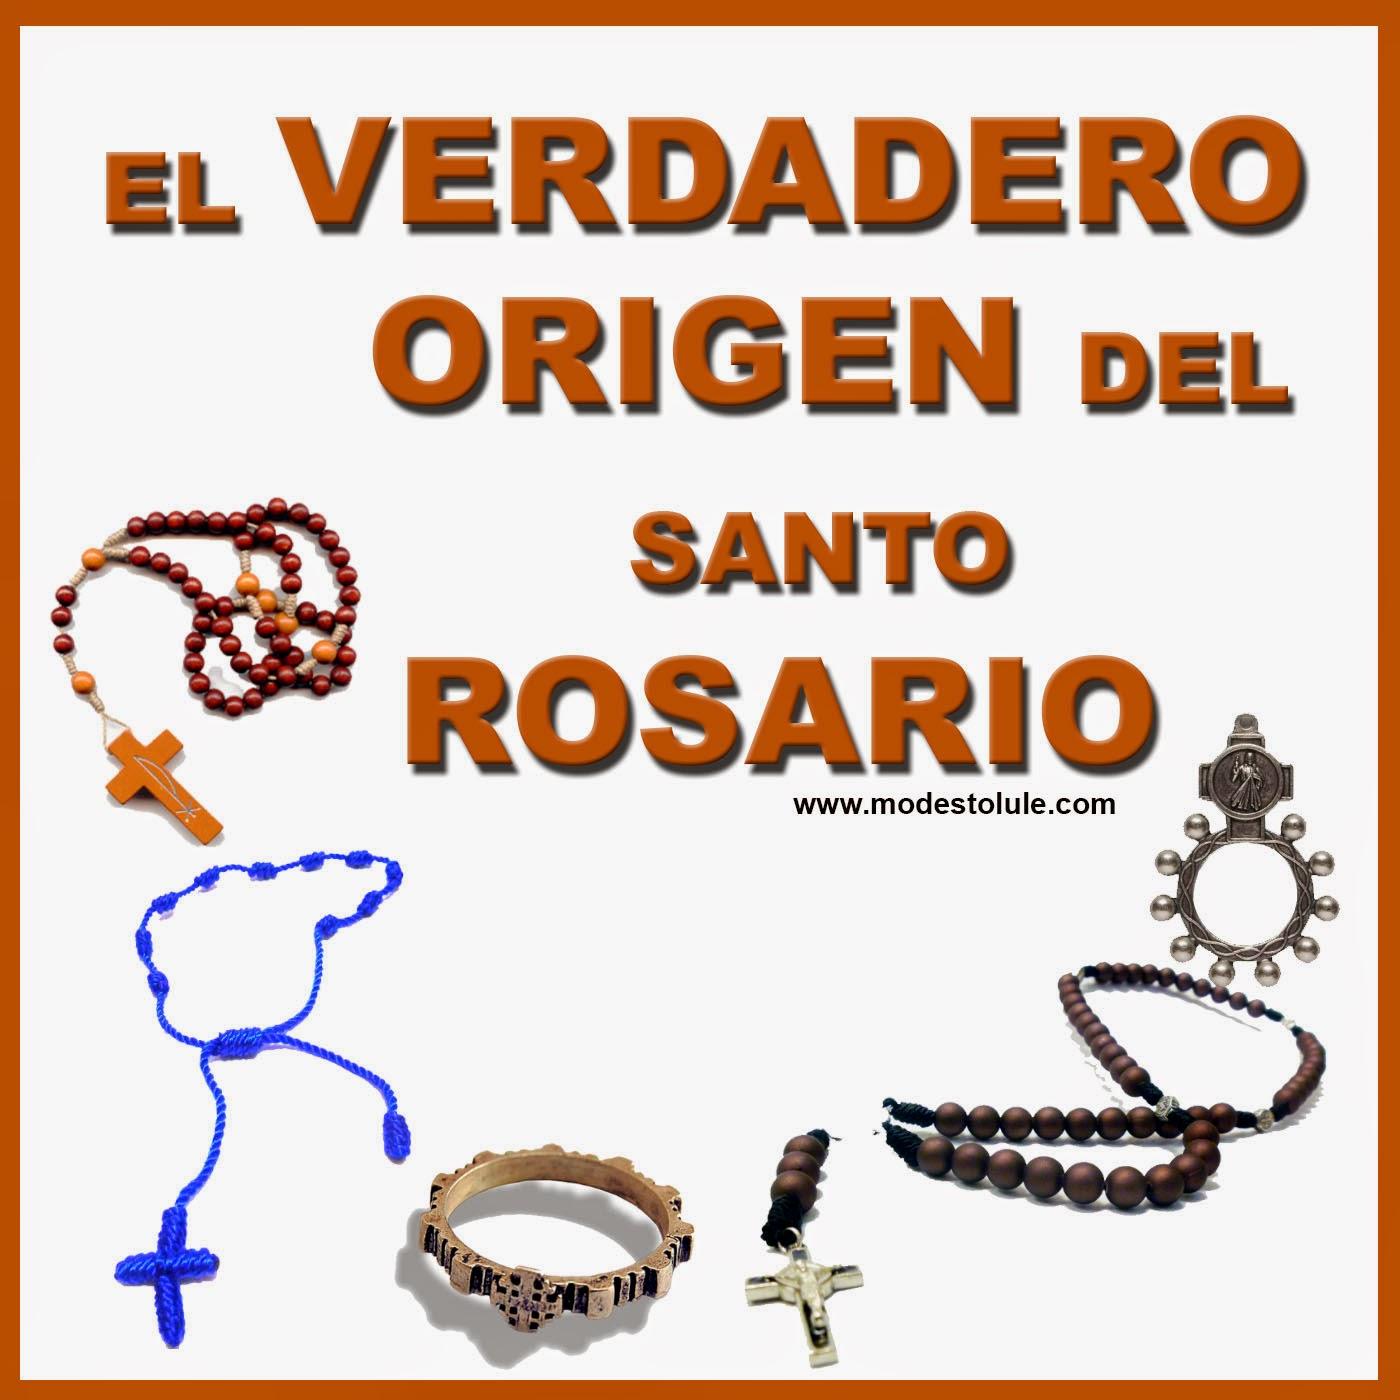 http://1.bp.blogspot.com/-Tp5Th2kNg1A/VDb6Vigy4UI/AAAAAAAABzs/EX5stgWlPfY/s1600/El%2Bverdadero%2Borigen%2Bdel%2Bsanto%2Brosario.jpg